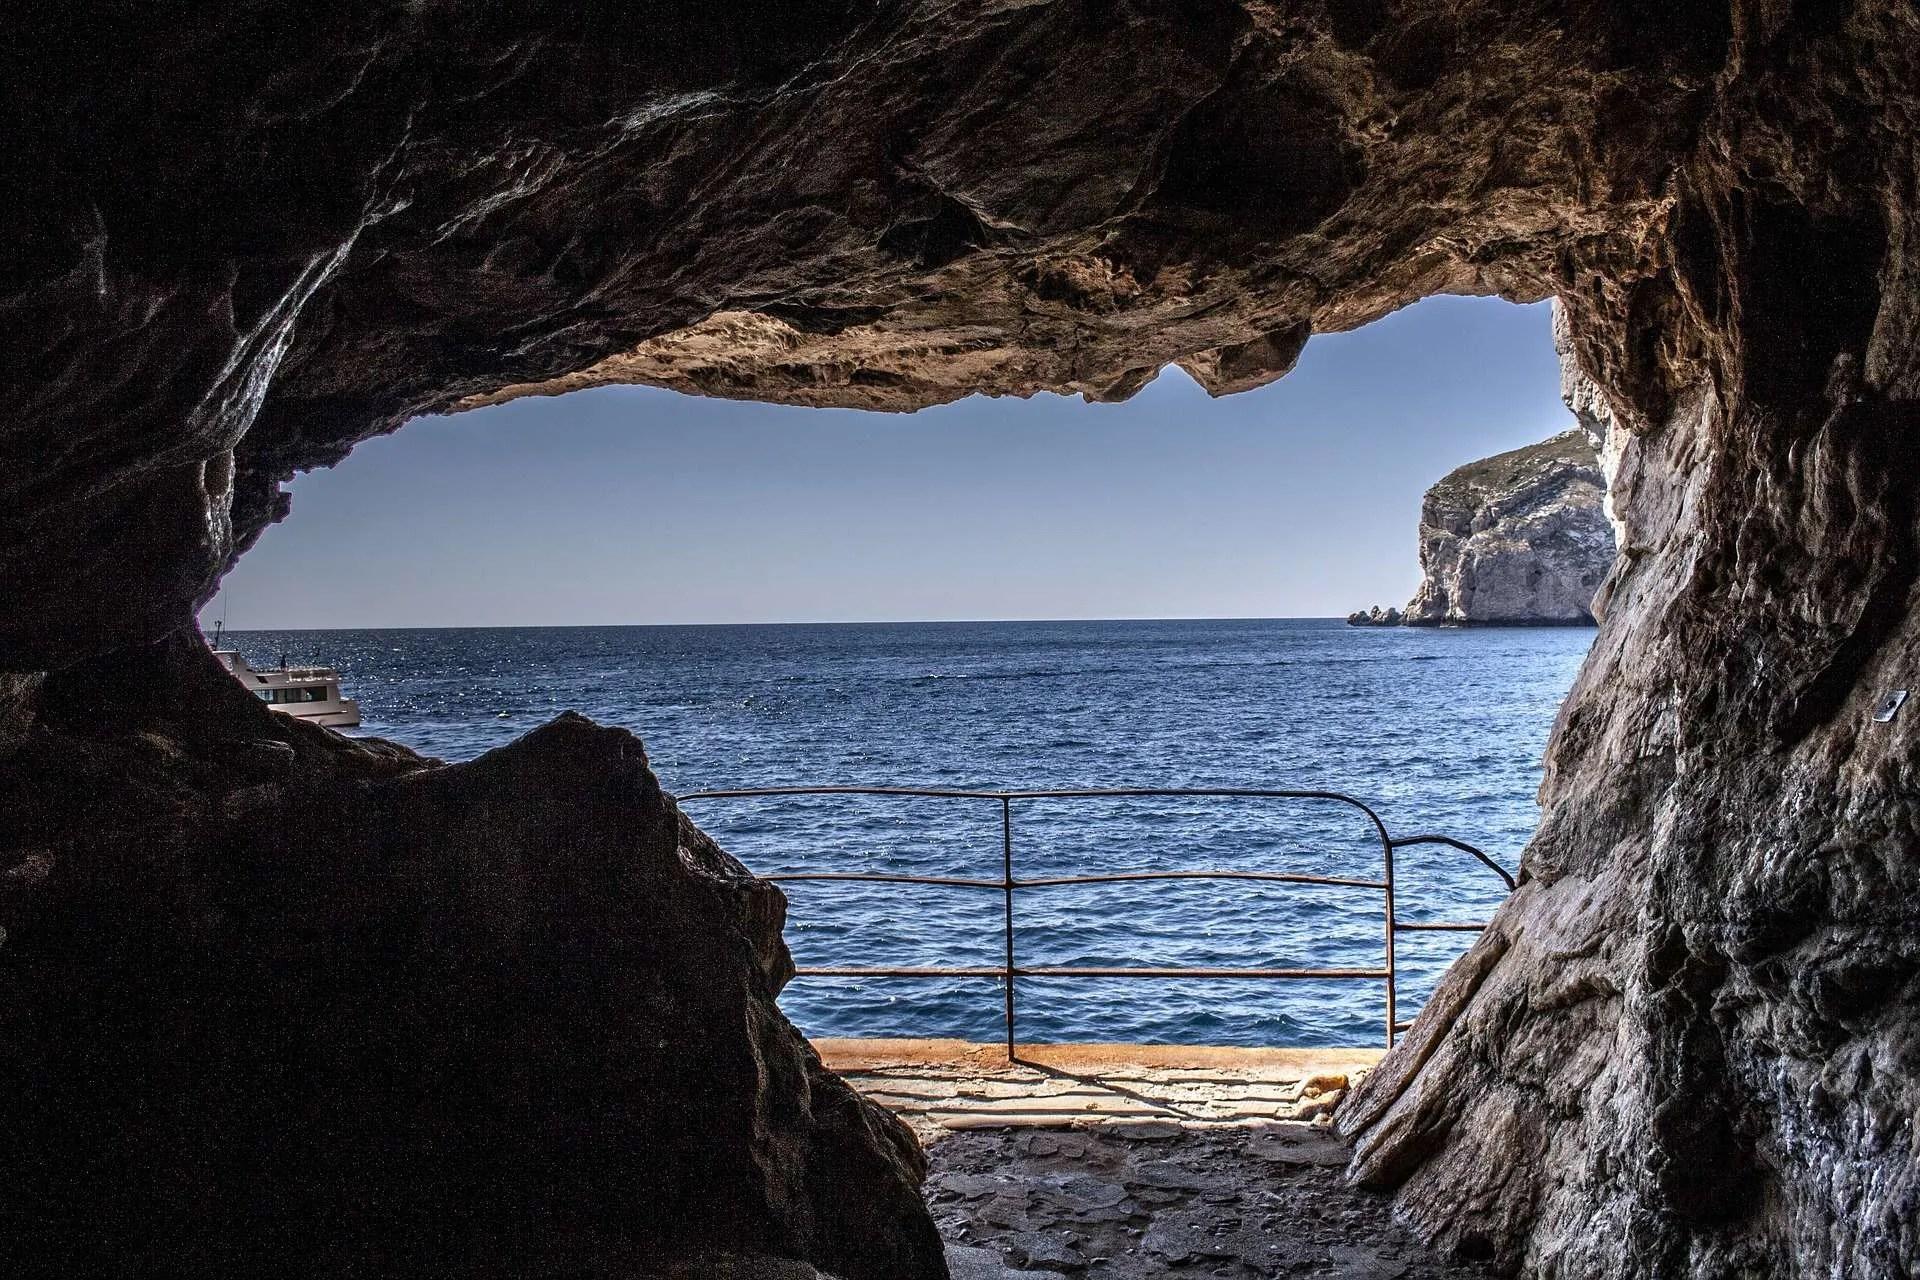 Se chiudo gli occhi…5 bellissimi (e insoliti) ricordi di una vacanza in Sardegna